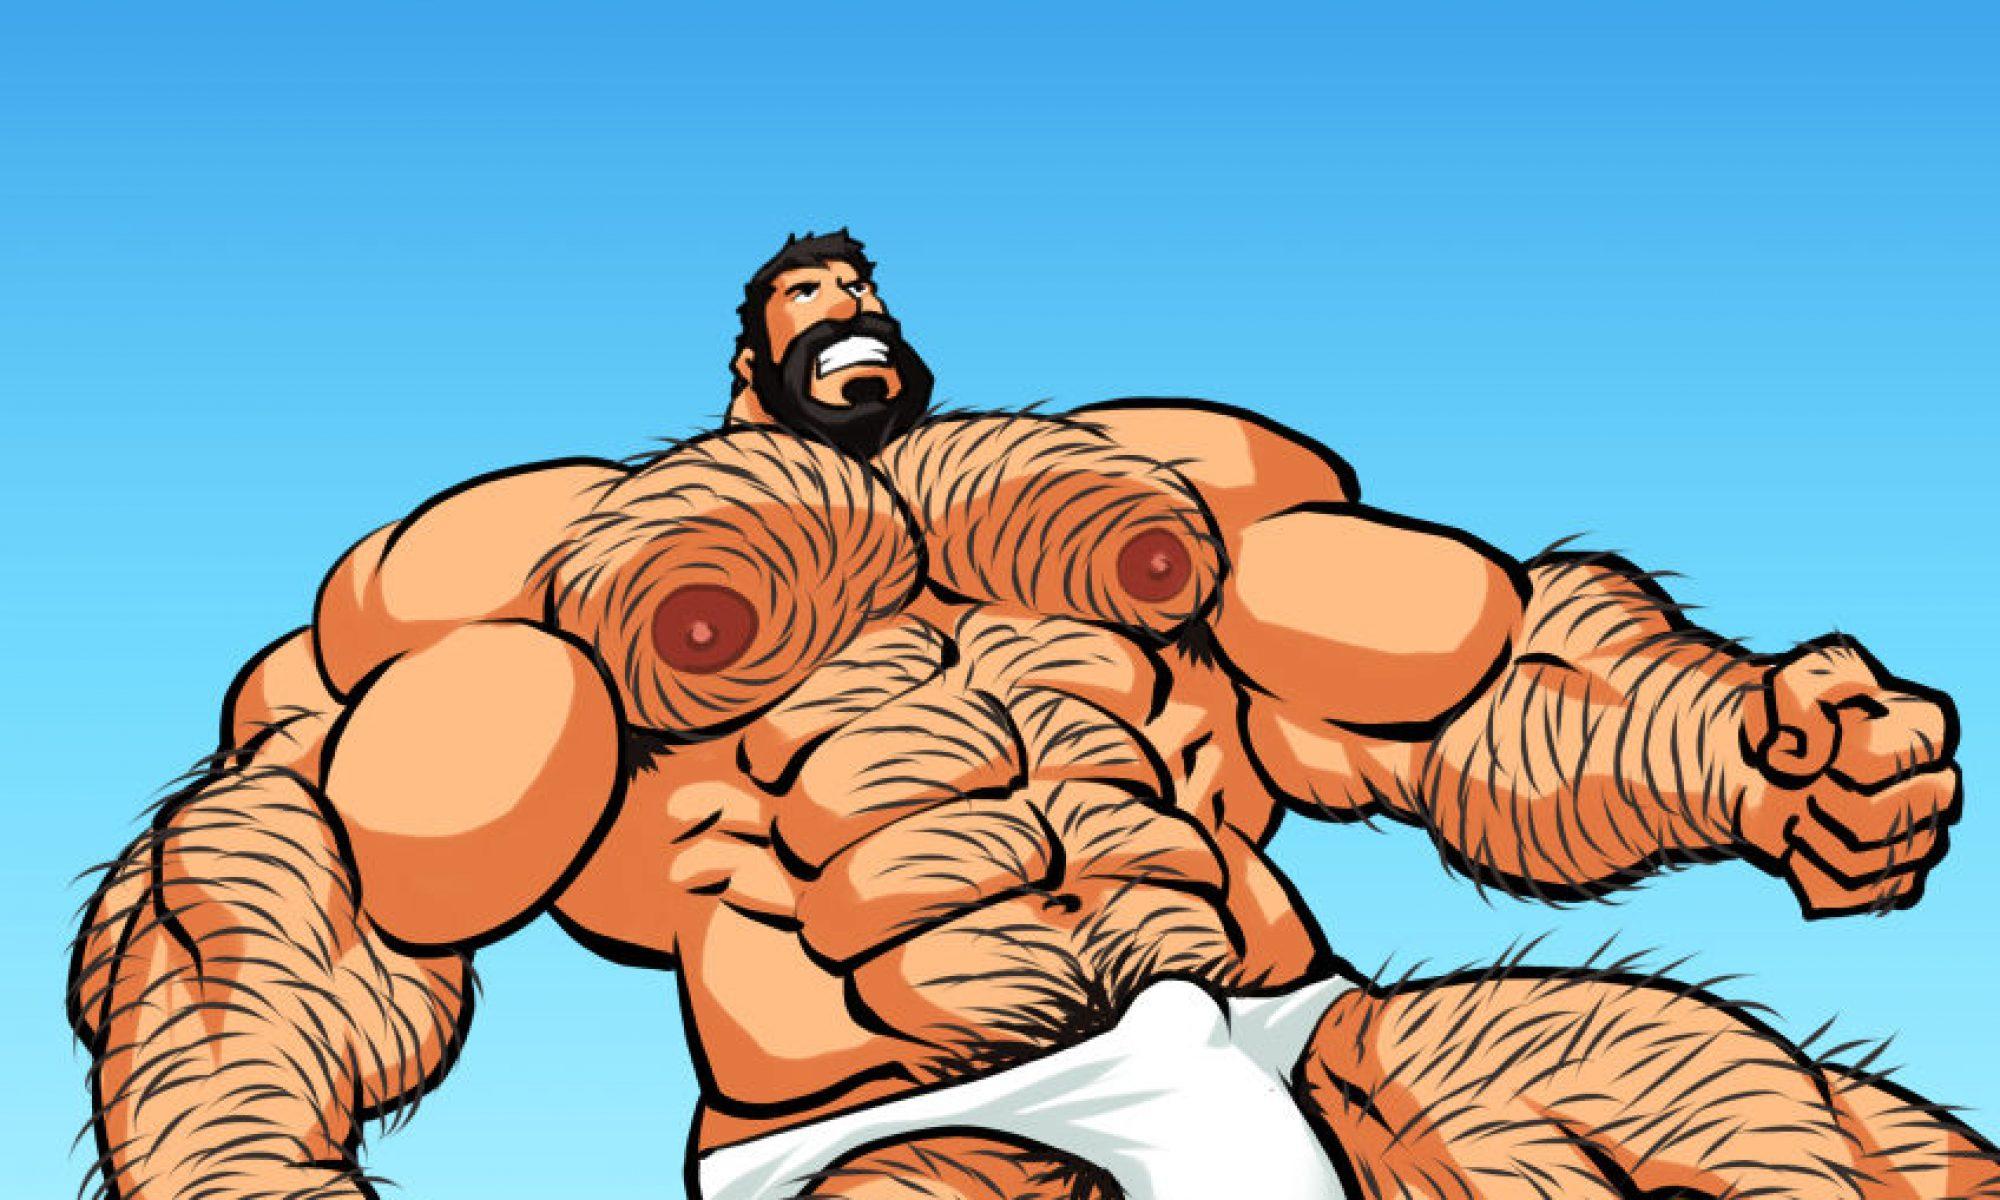 Mauleo's Hercules Comics